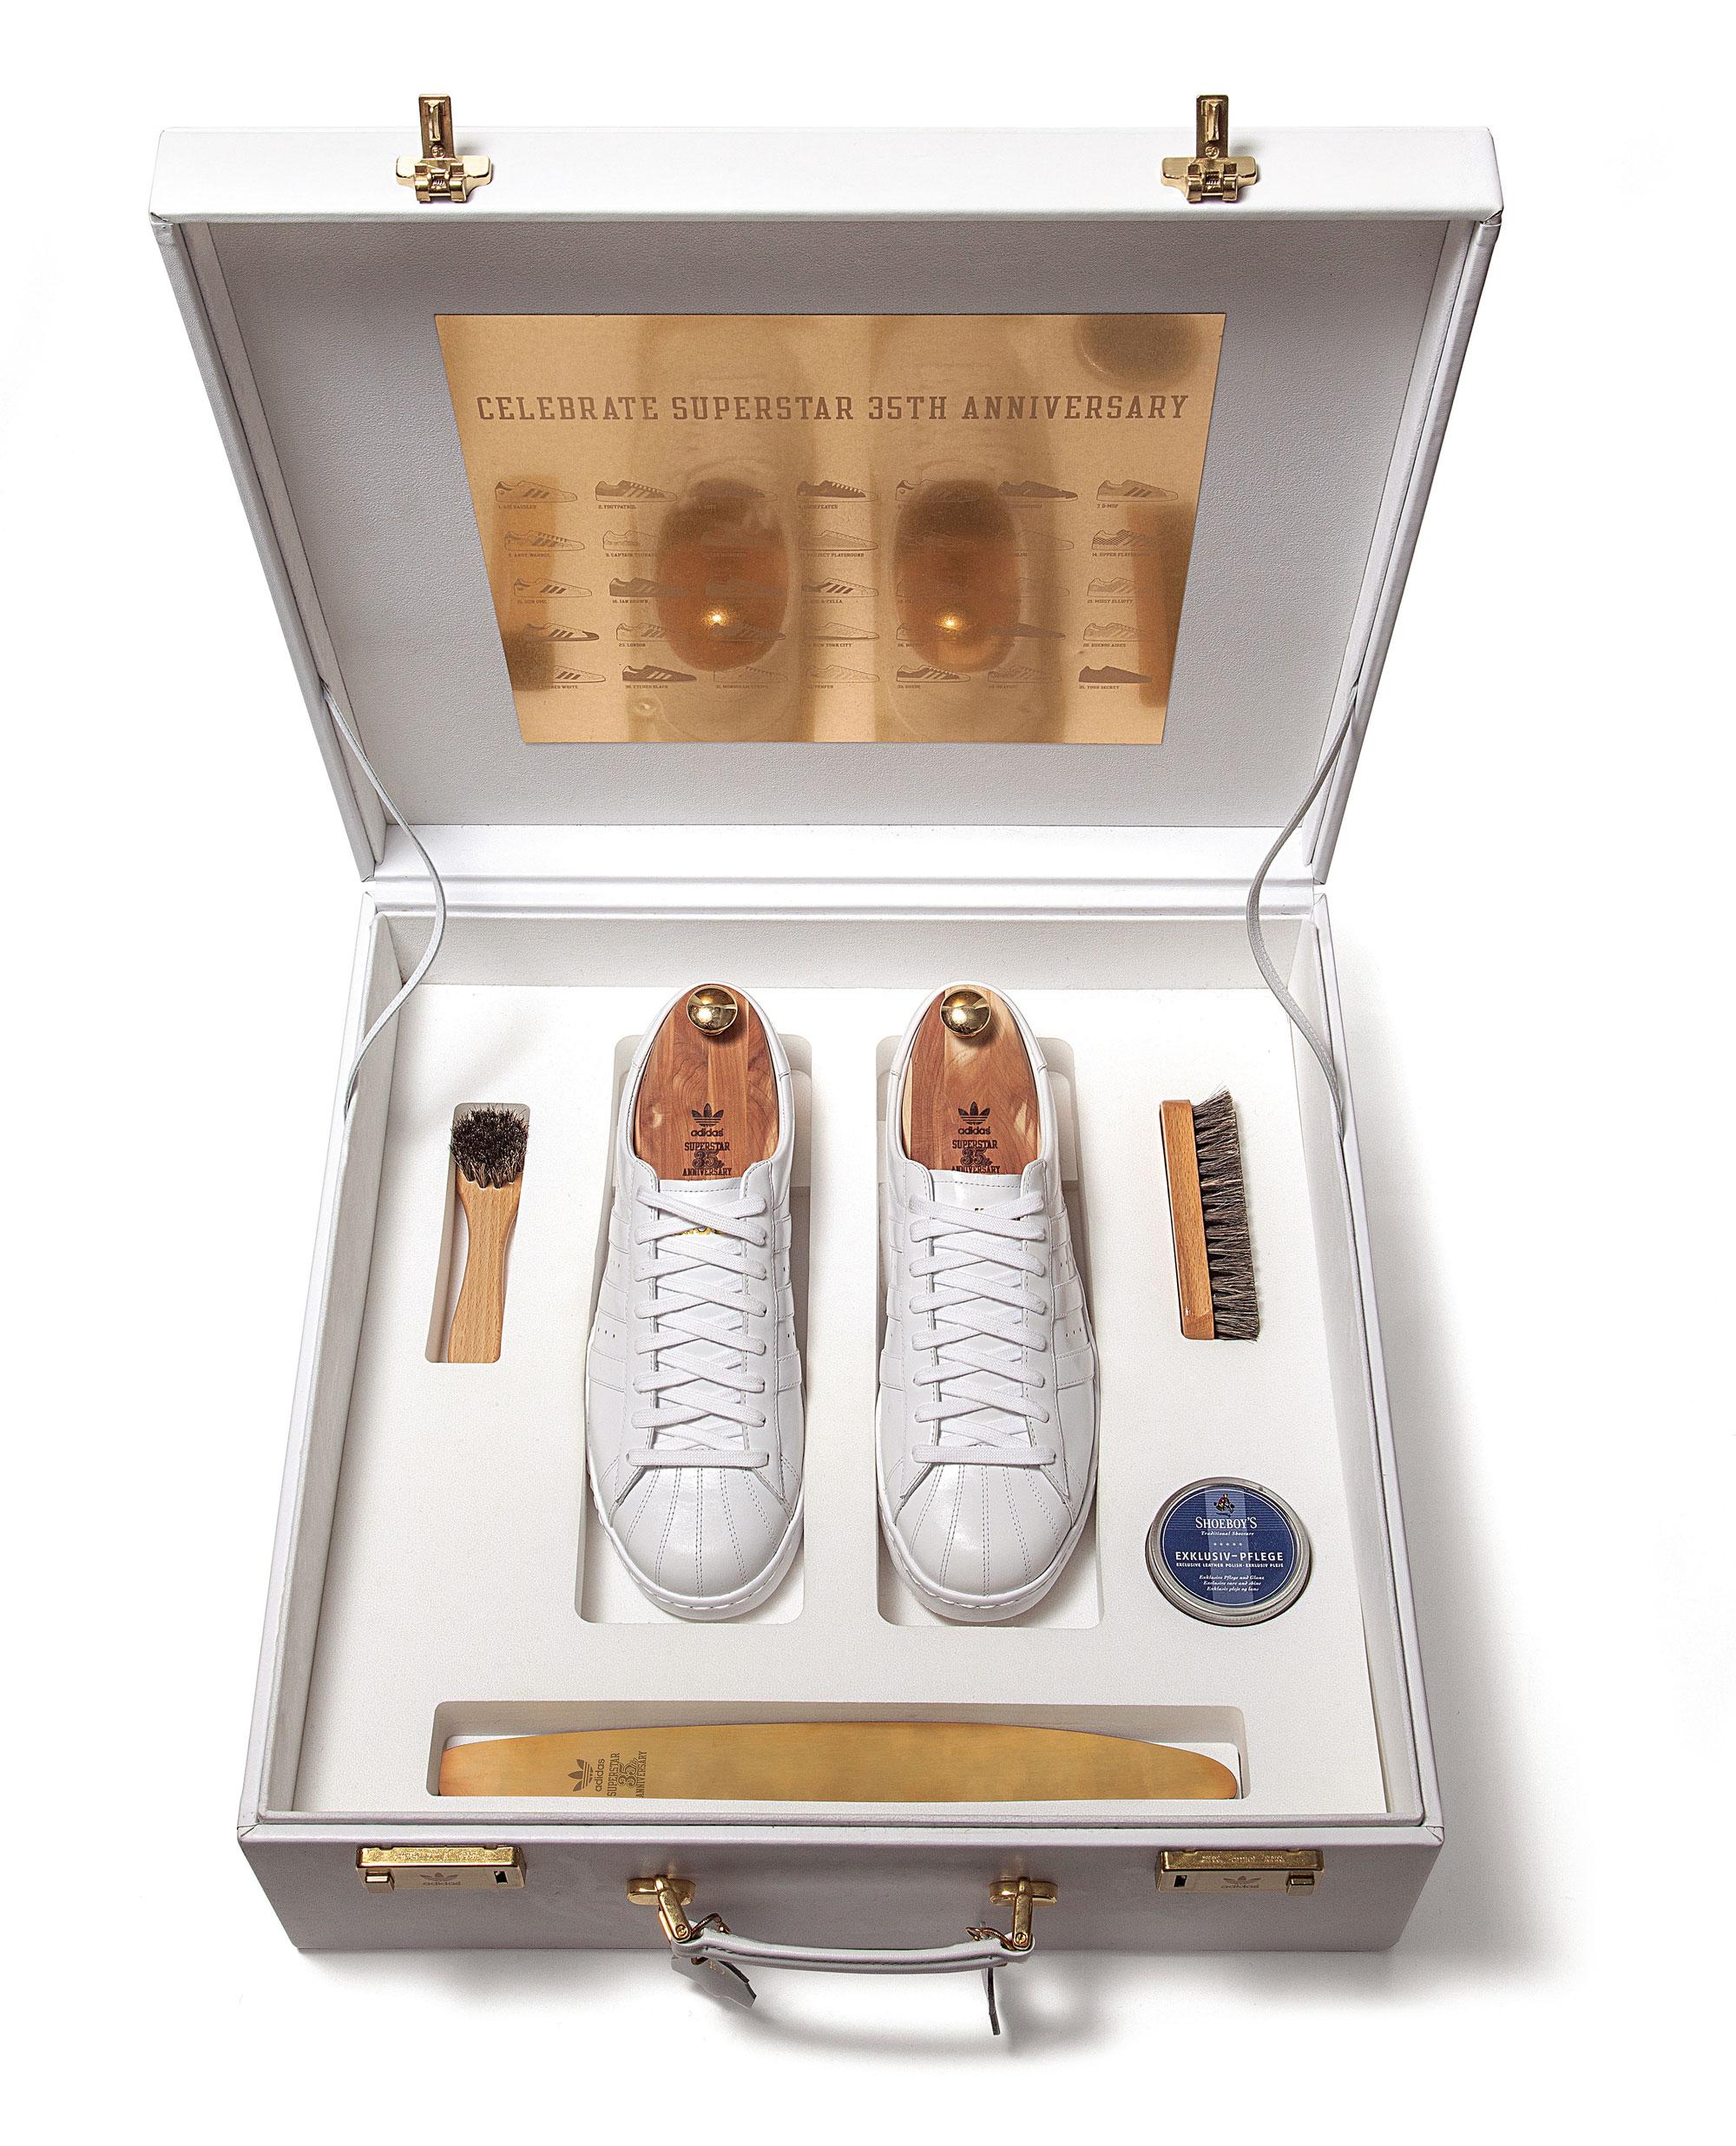 В 2005 году adidas отмечал 35-летнюю годовщину adidas Originals Superstar выпуском специальной коллекции #SS35, которая состояла из35 моделей кроссовок, созданных вколлаборации сизвестными деятелями мира музыки, моды иискусства. Одна изних — эксклюзивная модель, изготовленная вручную извысококачественной кожи вспециальном позолоченном кейсе.